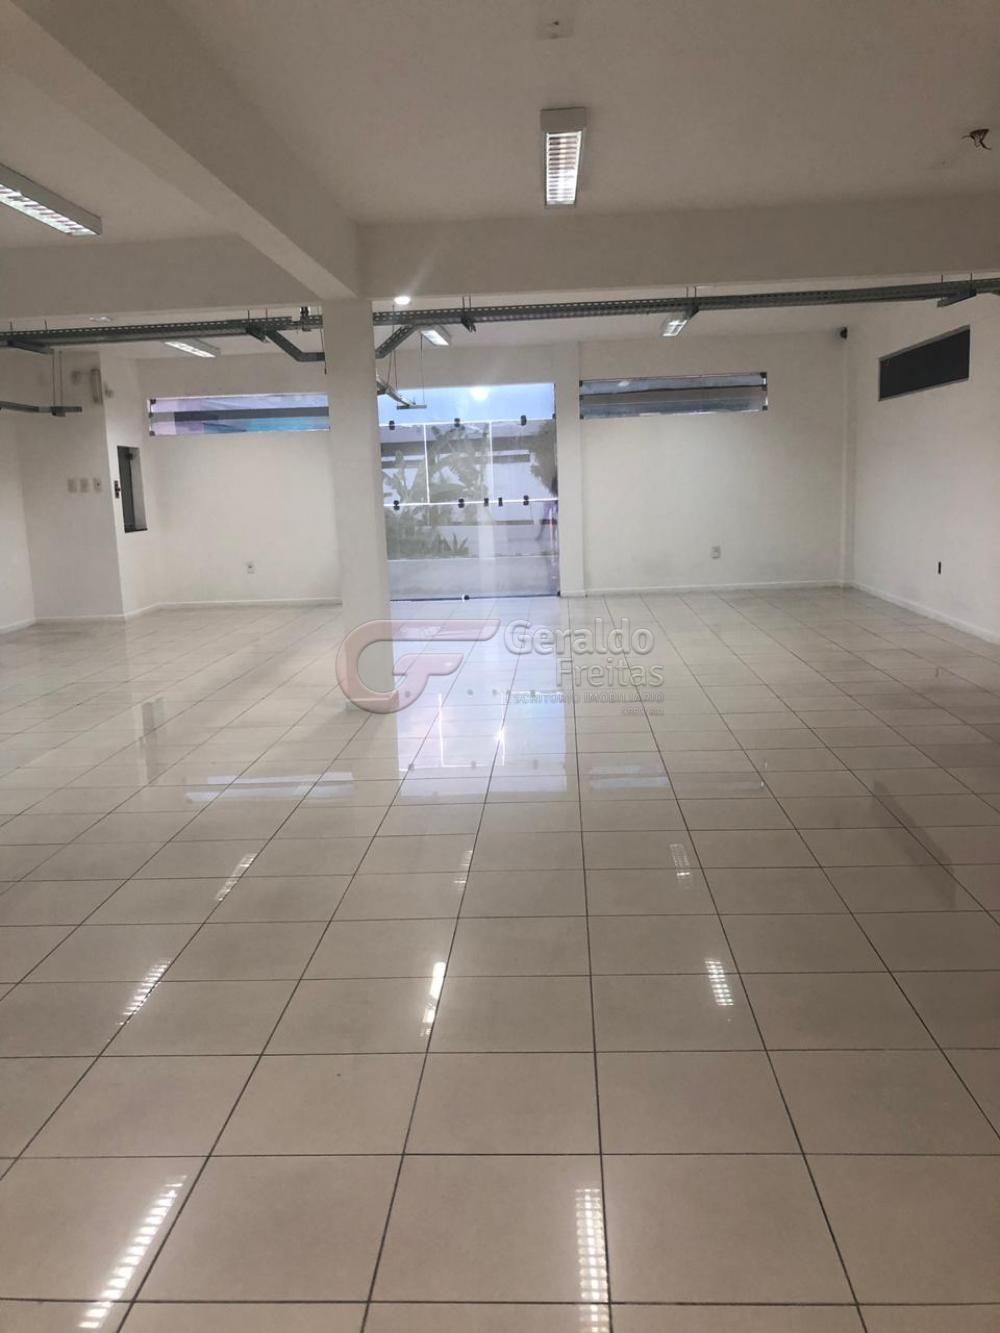 Alugar Comerciais / Prédio em Maceió apenas R$ 20.000,00 - Foto 22